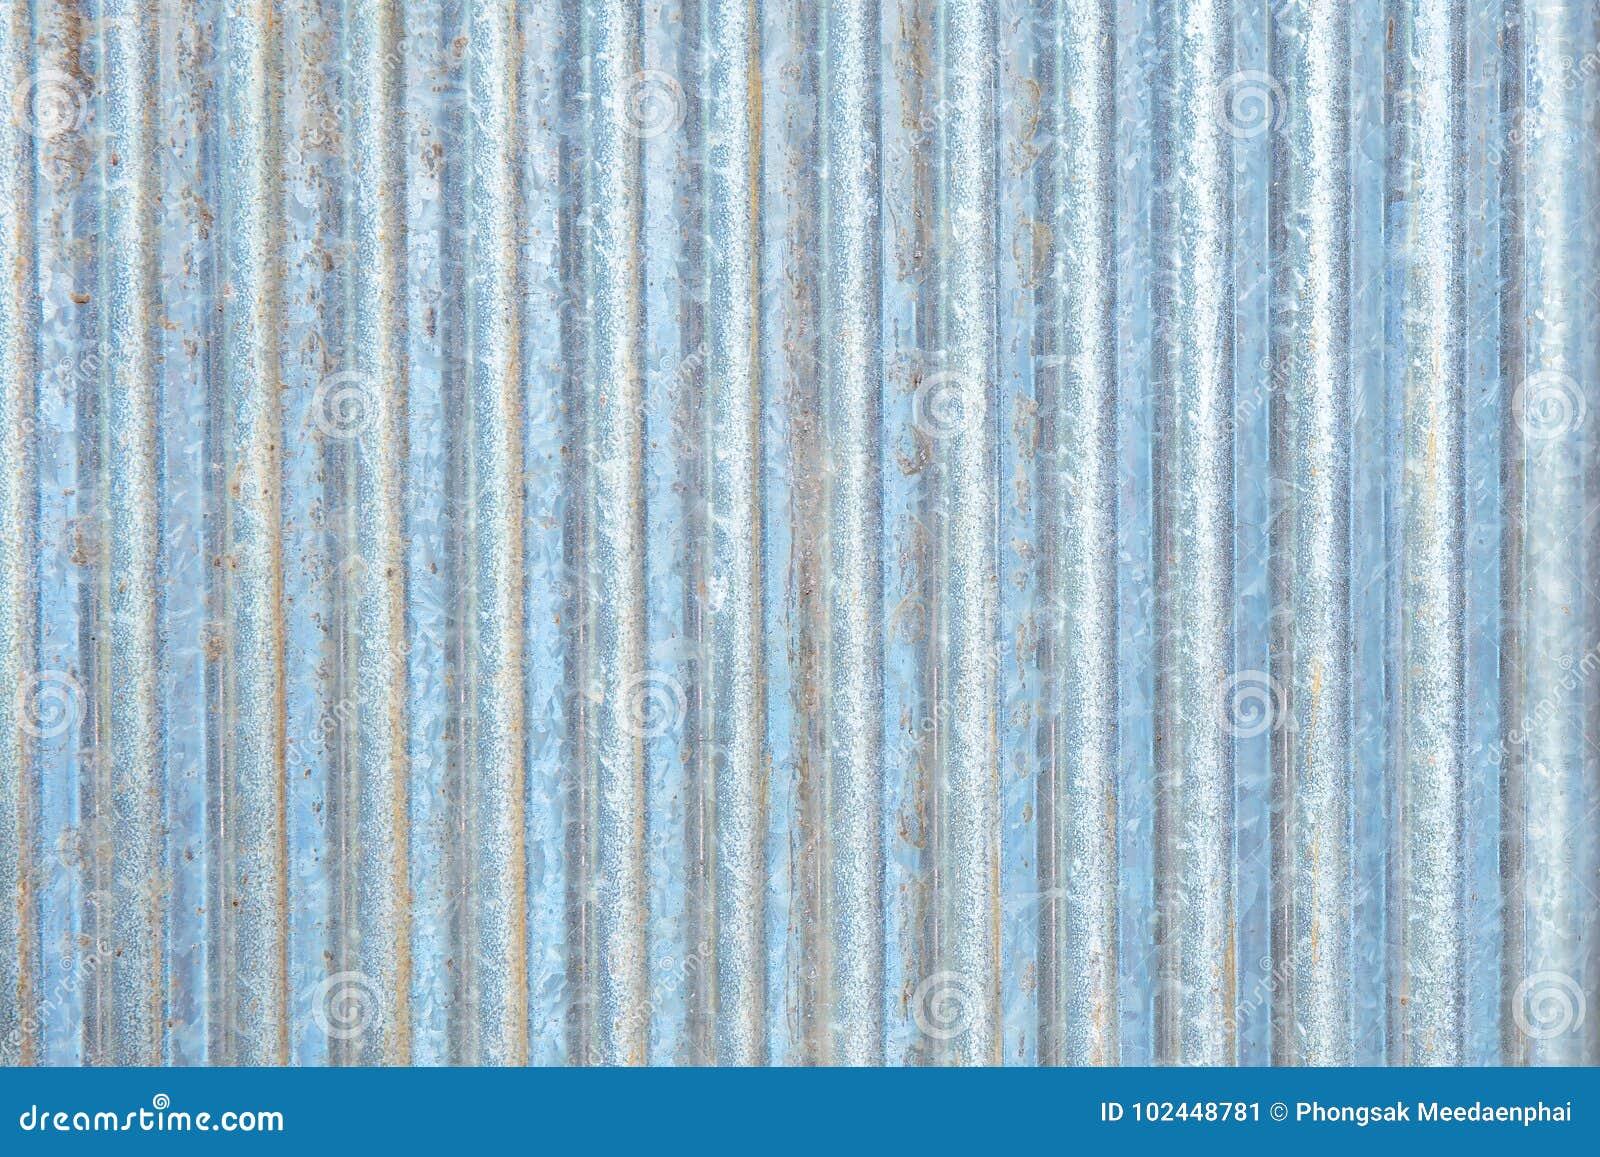 生锈的锌波状钢金属房屋板壁